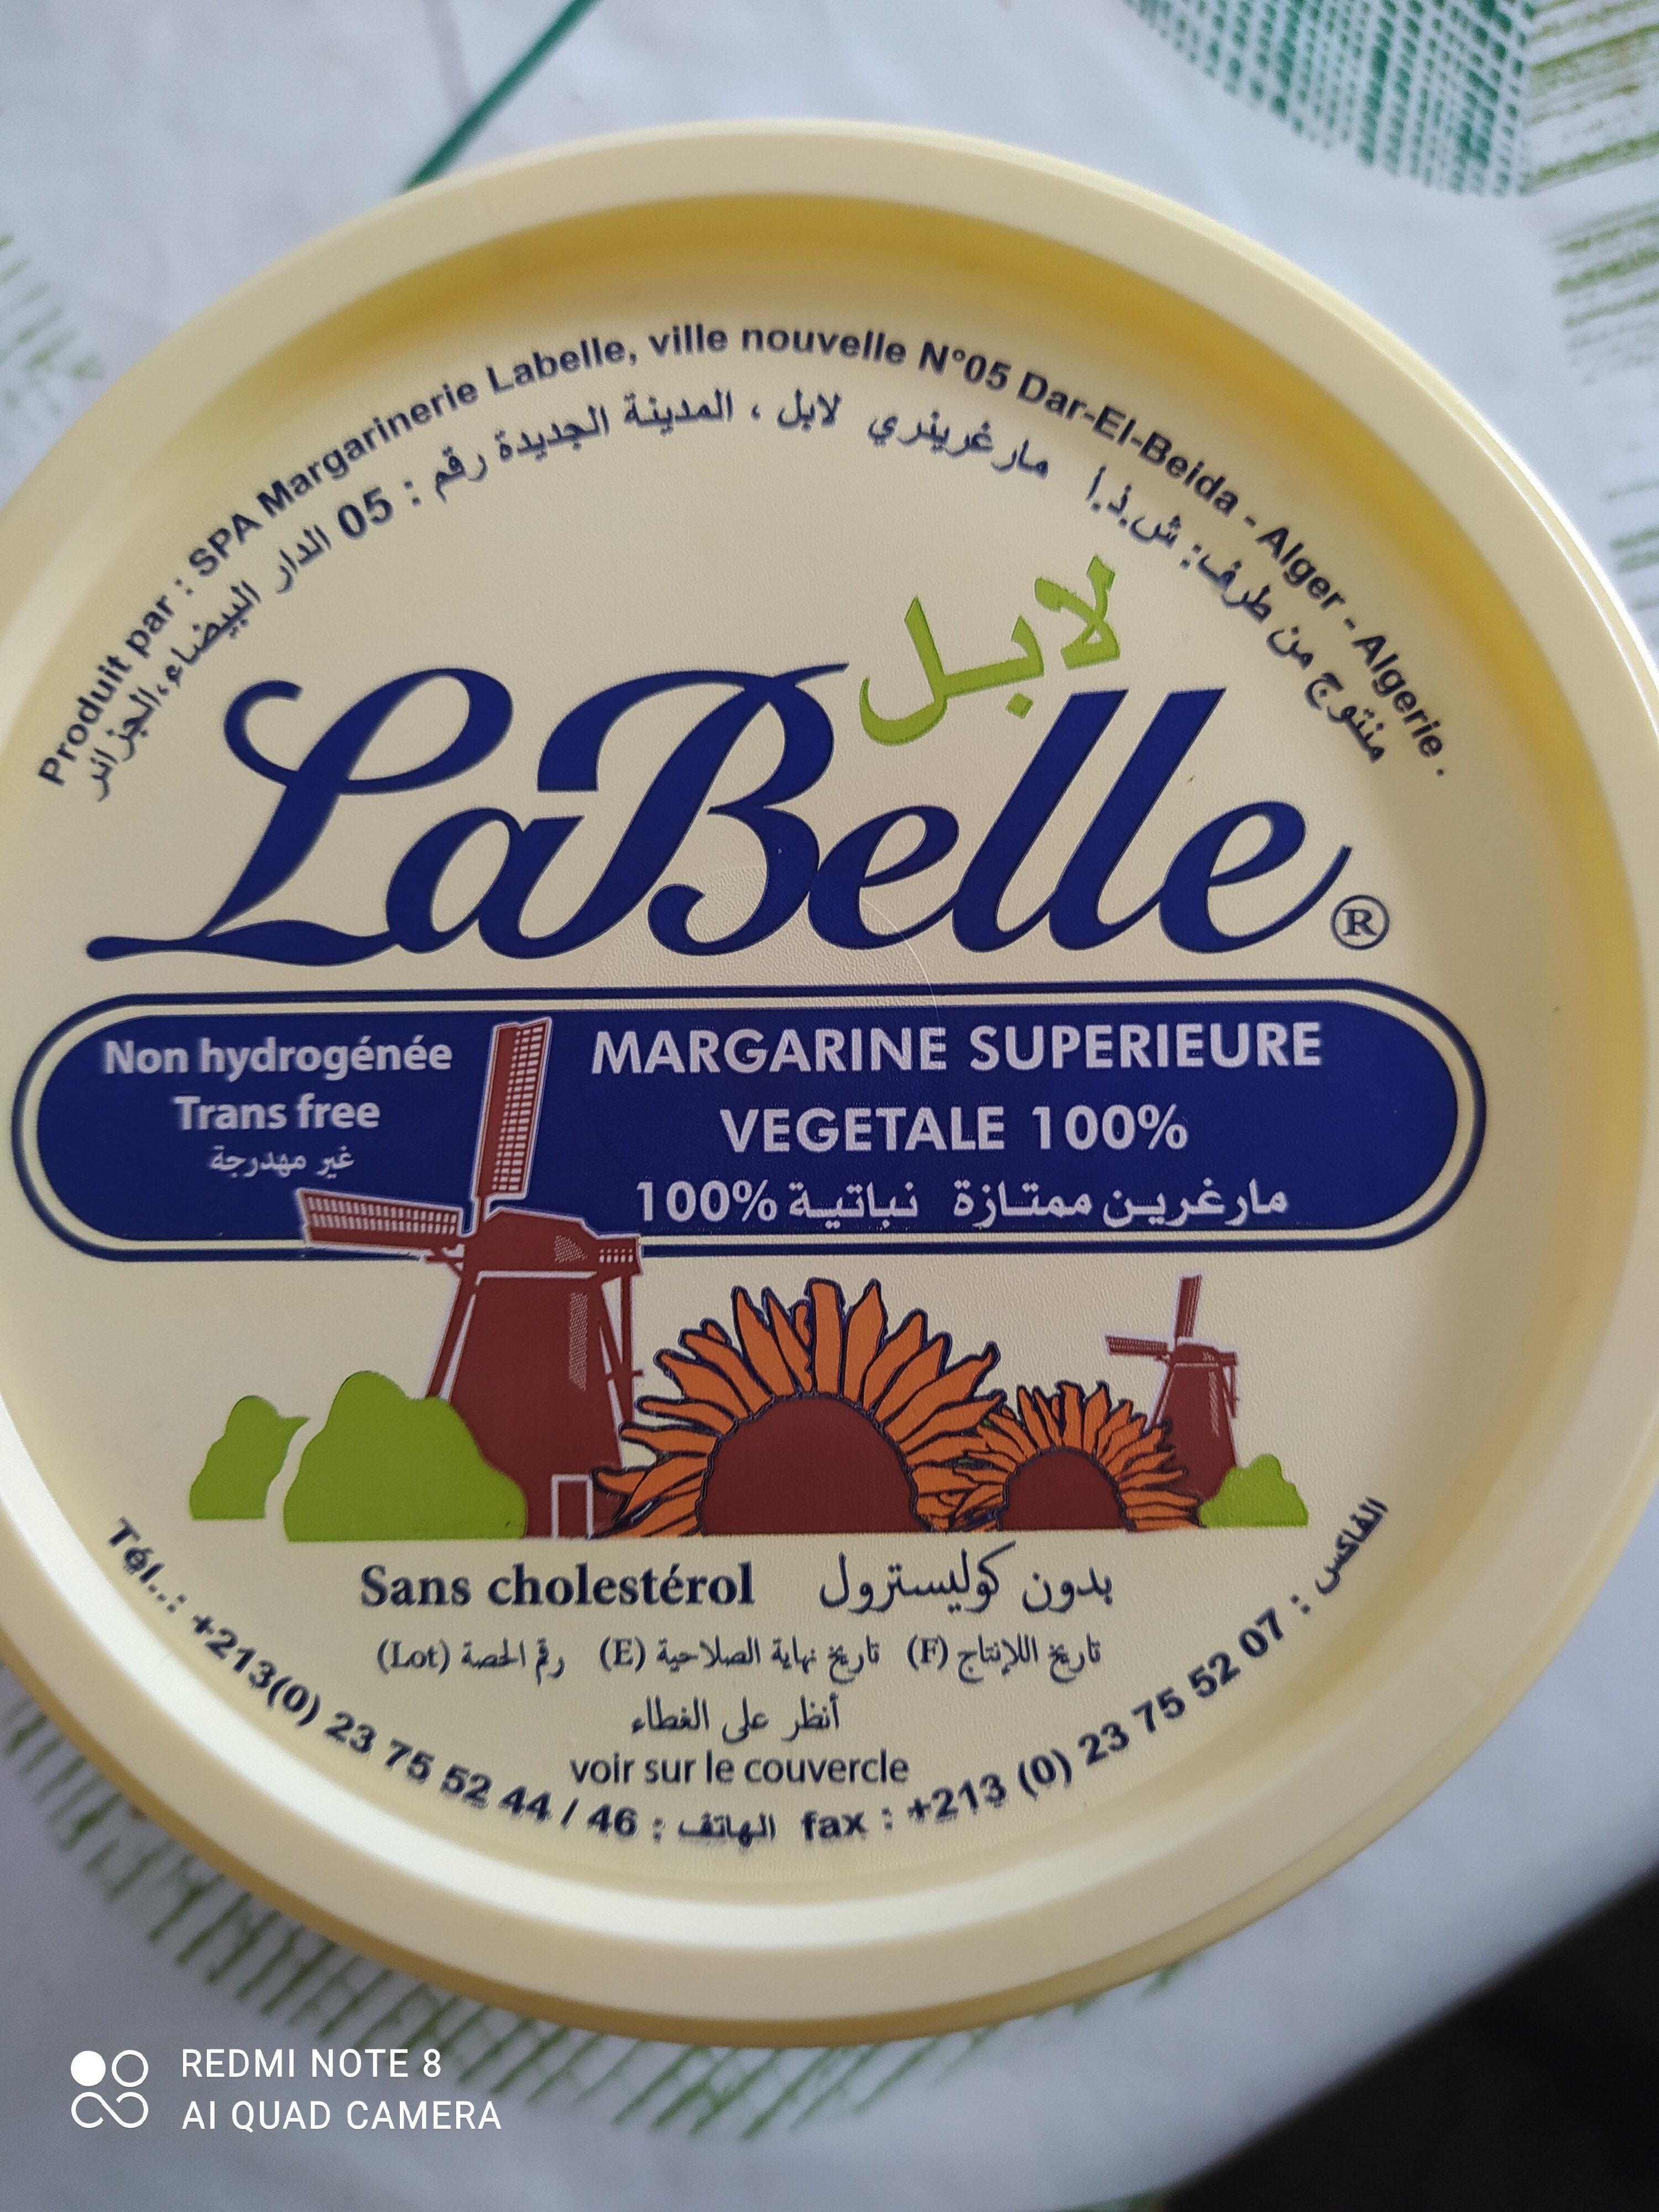 Margarine LaBelle superieure vegetale 100% - Produit - fr